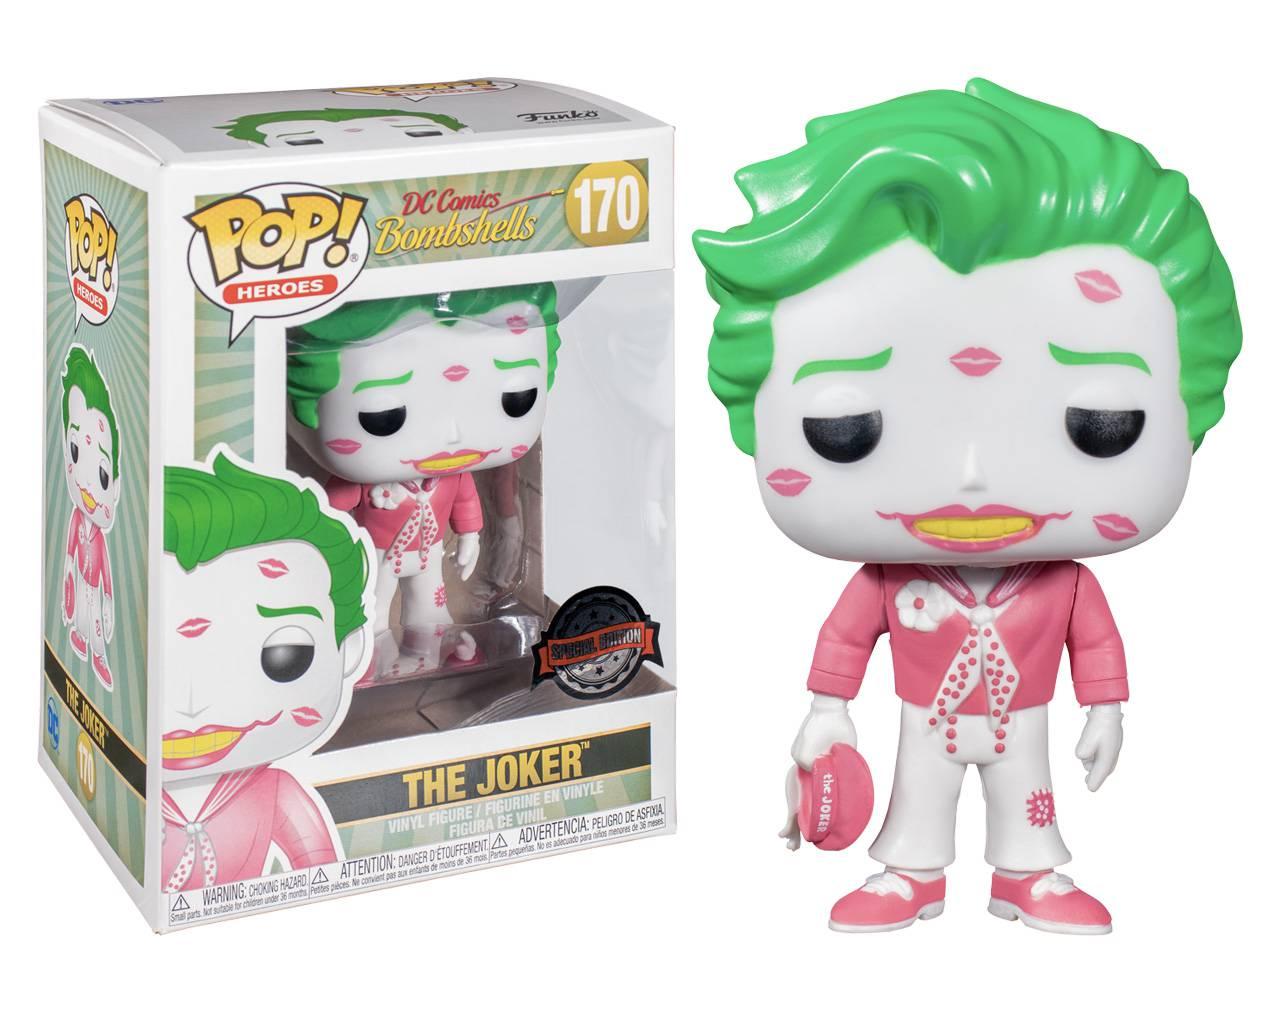 The Joker (Kisses) Pop! Vinyl